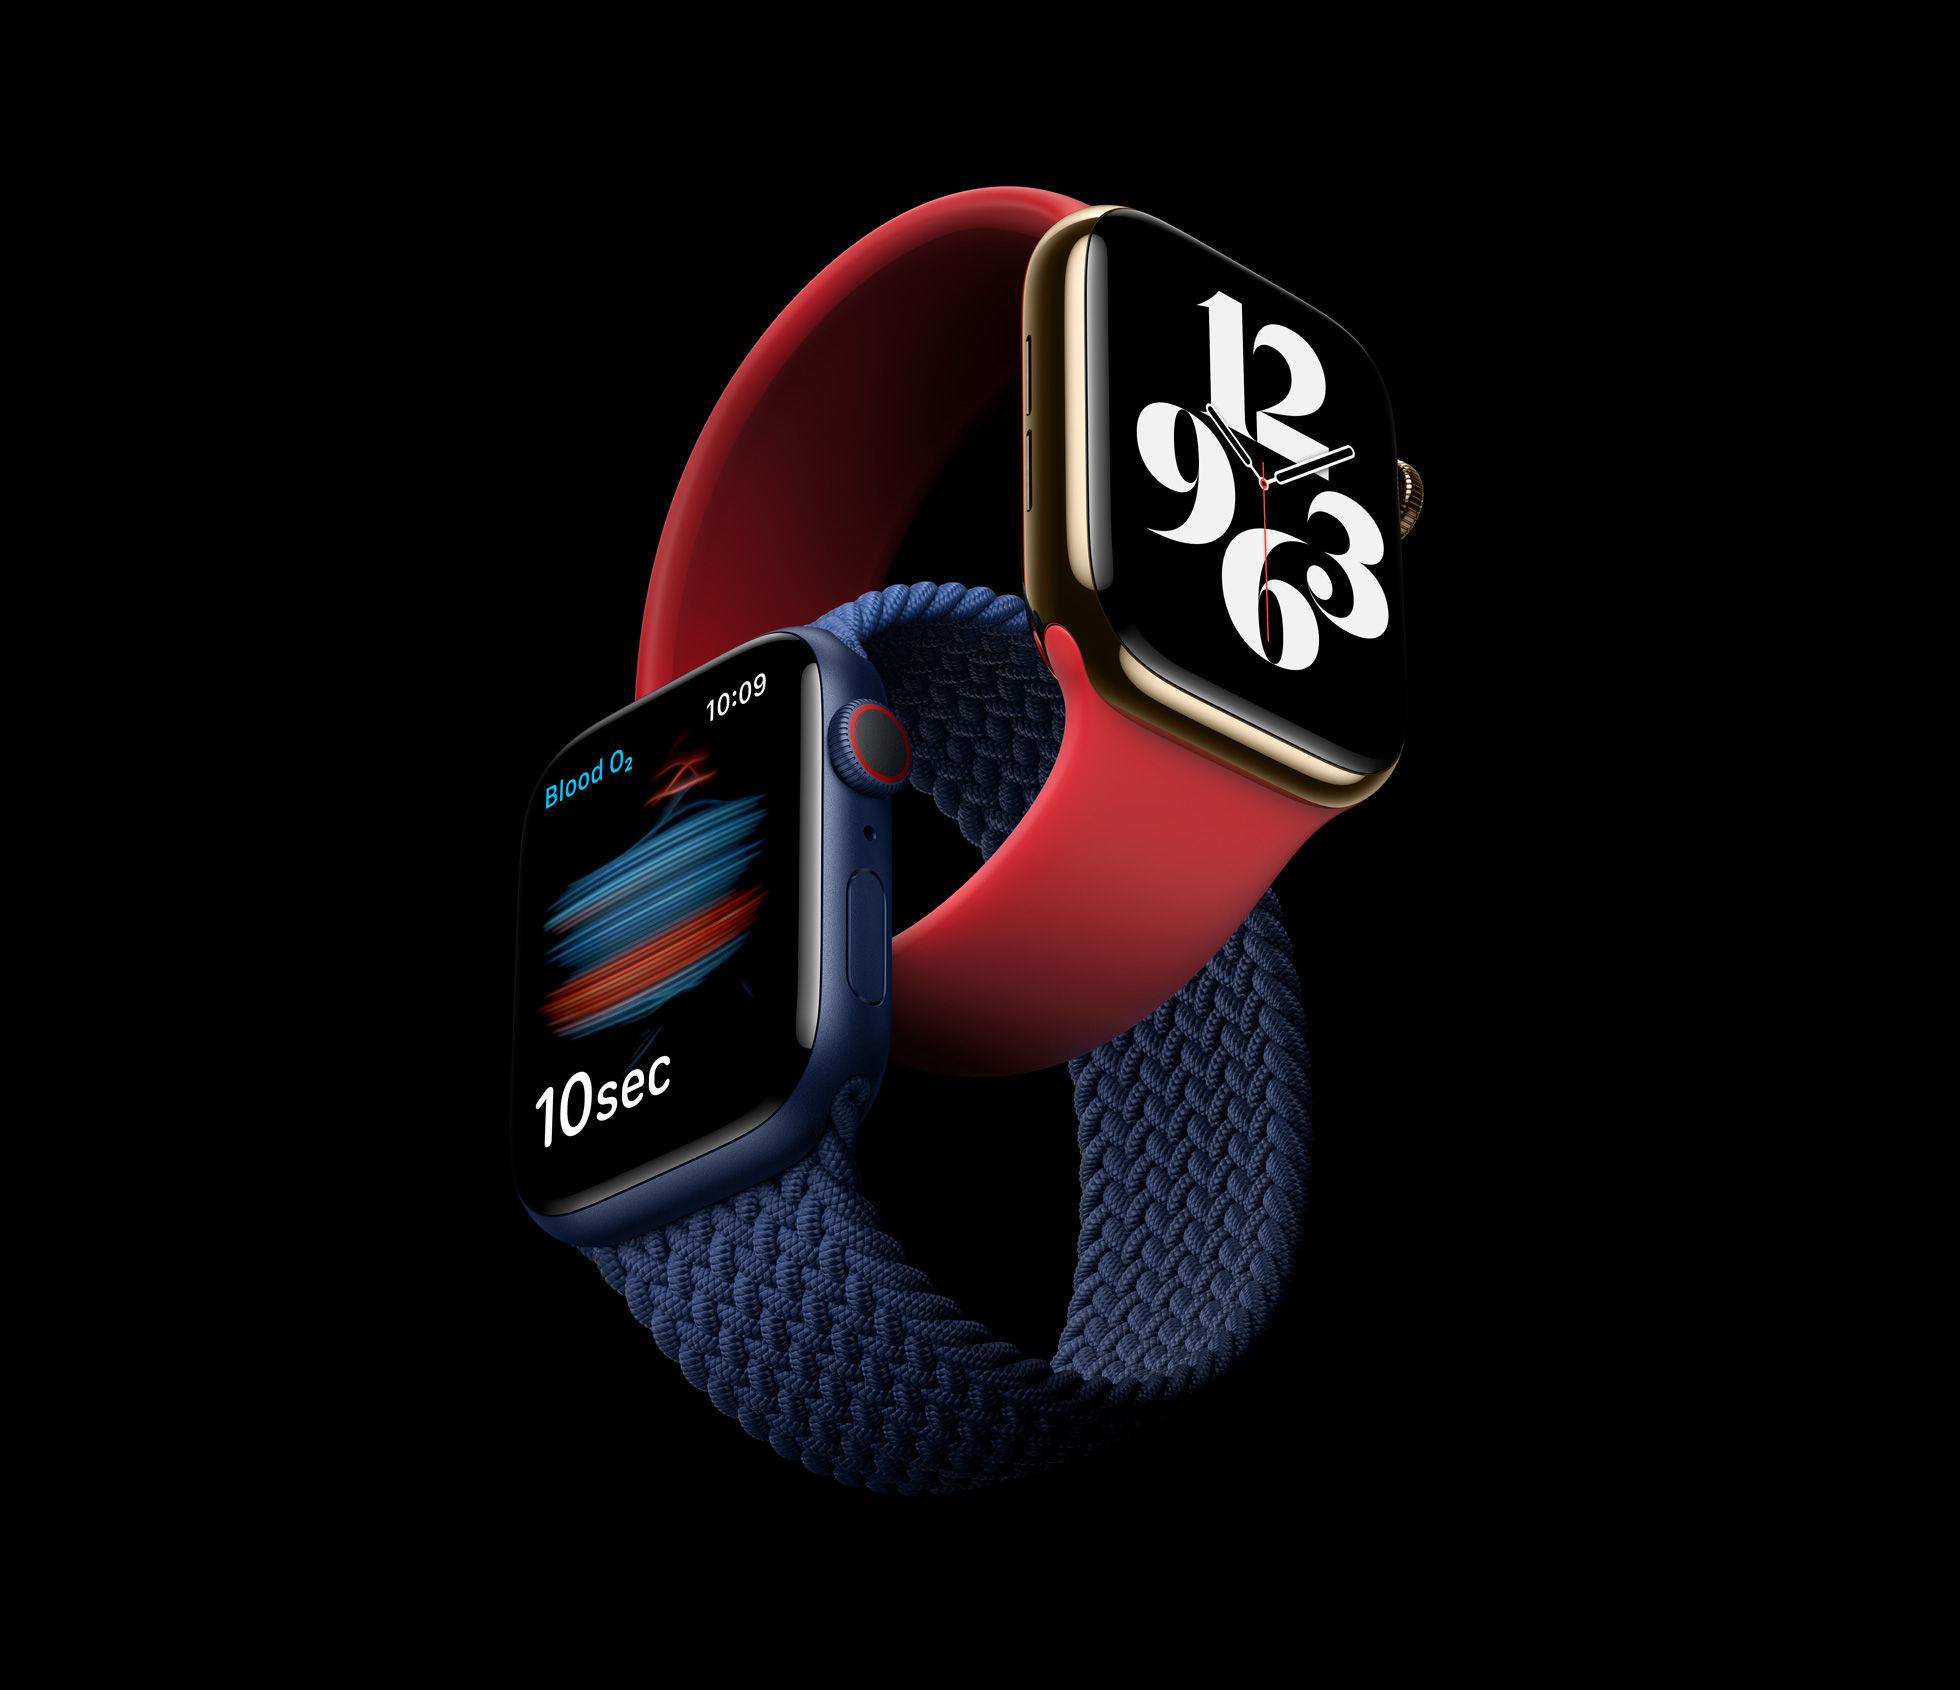 Canggih, Apple Watch Seri 6 Bisa Mengukur Oksigen Dalam Darah